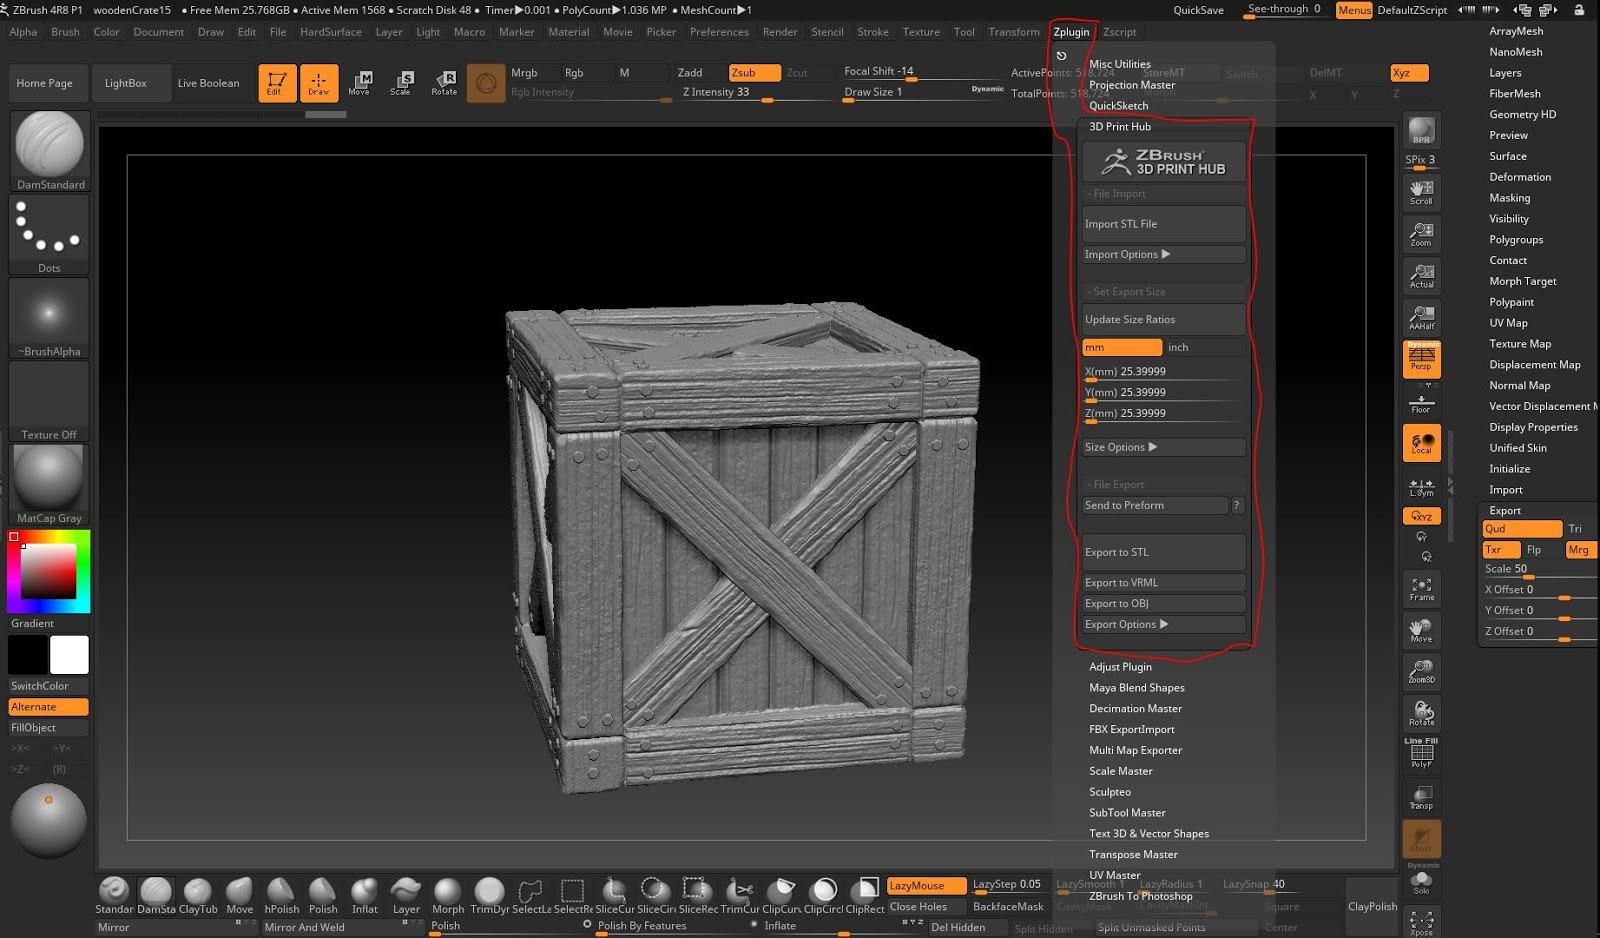 CONNOR HOLLIS FIEA ART BLOG: 3D Print Update (10/16 - 10/20)